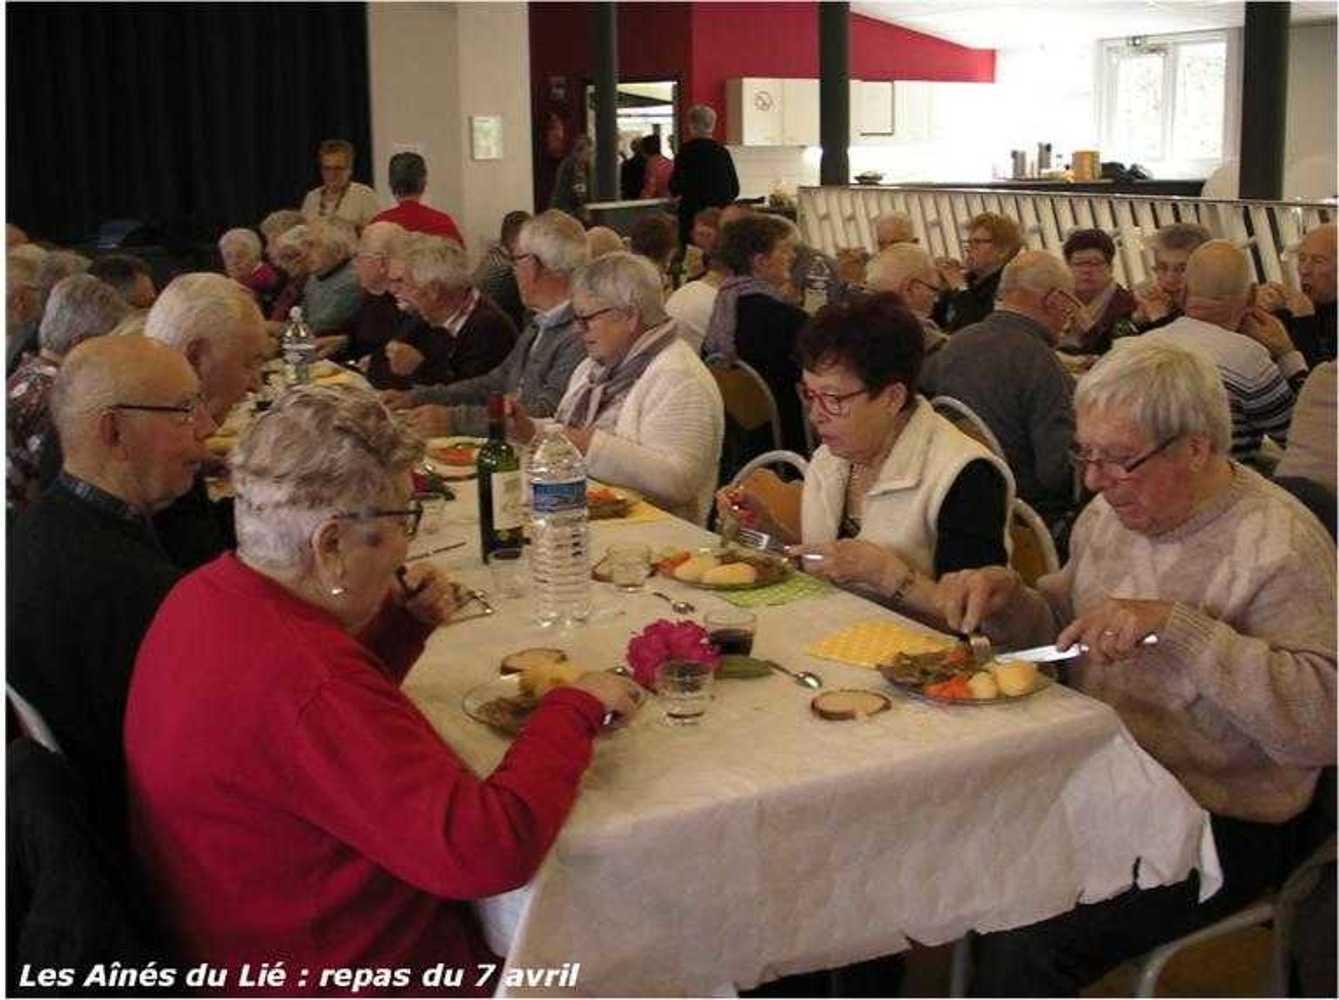 Les Aînés du Lié : photos du repas langue de boeuf image39